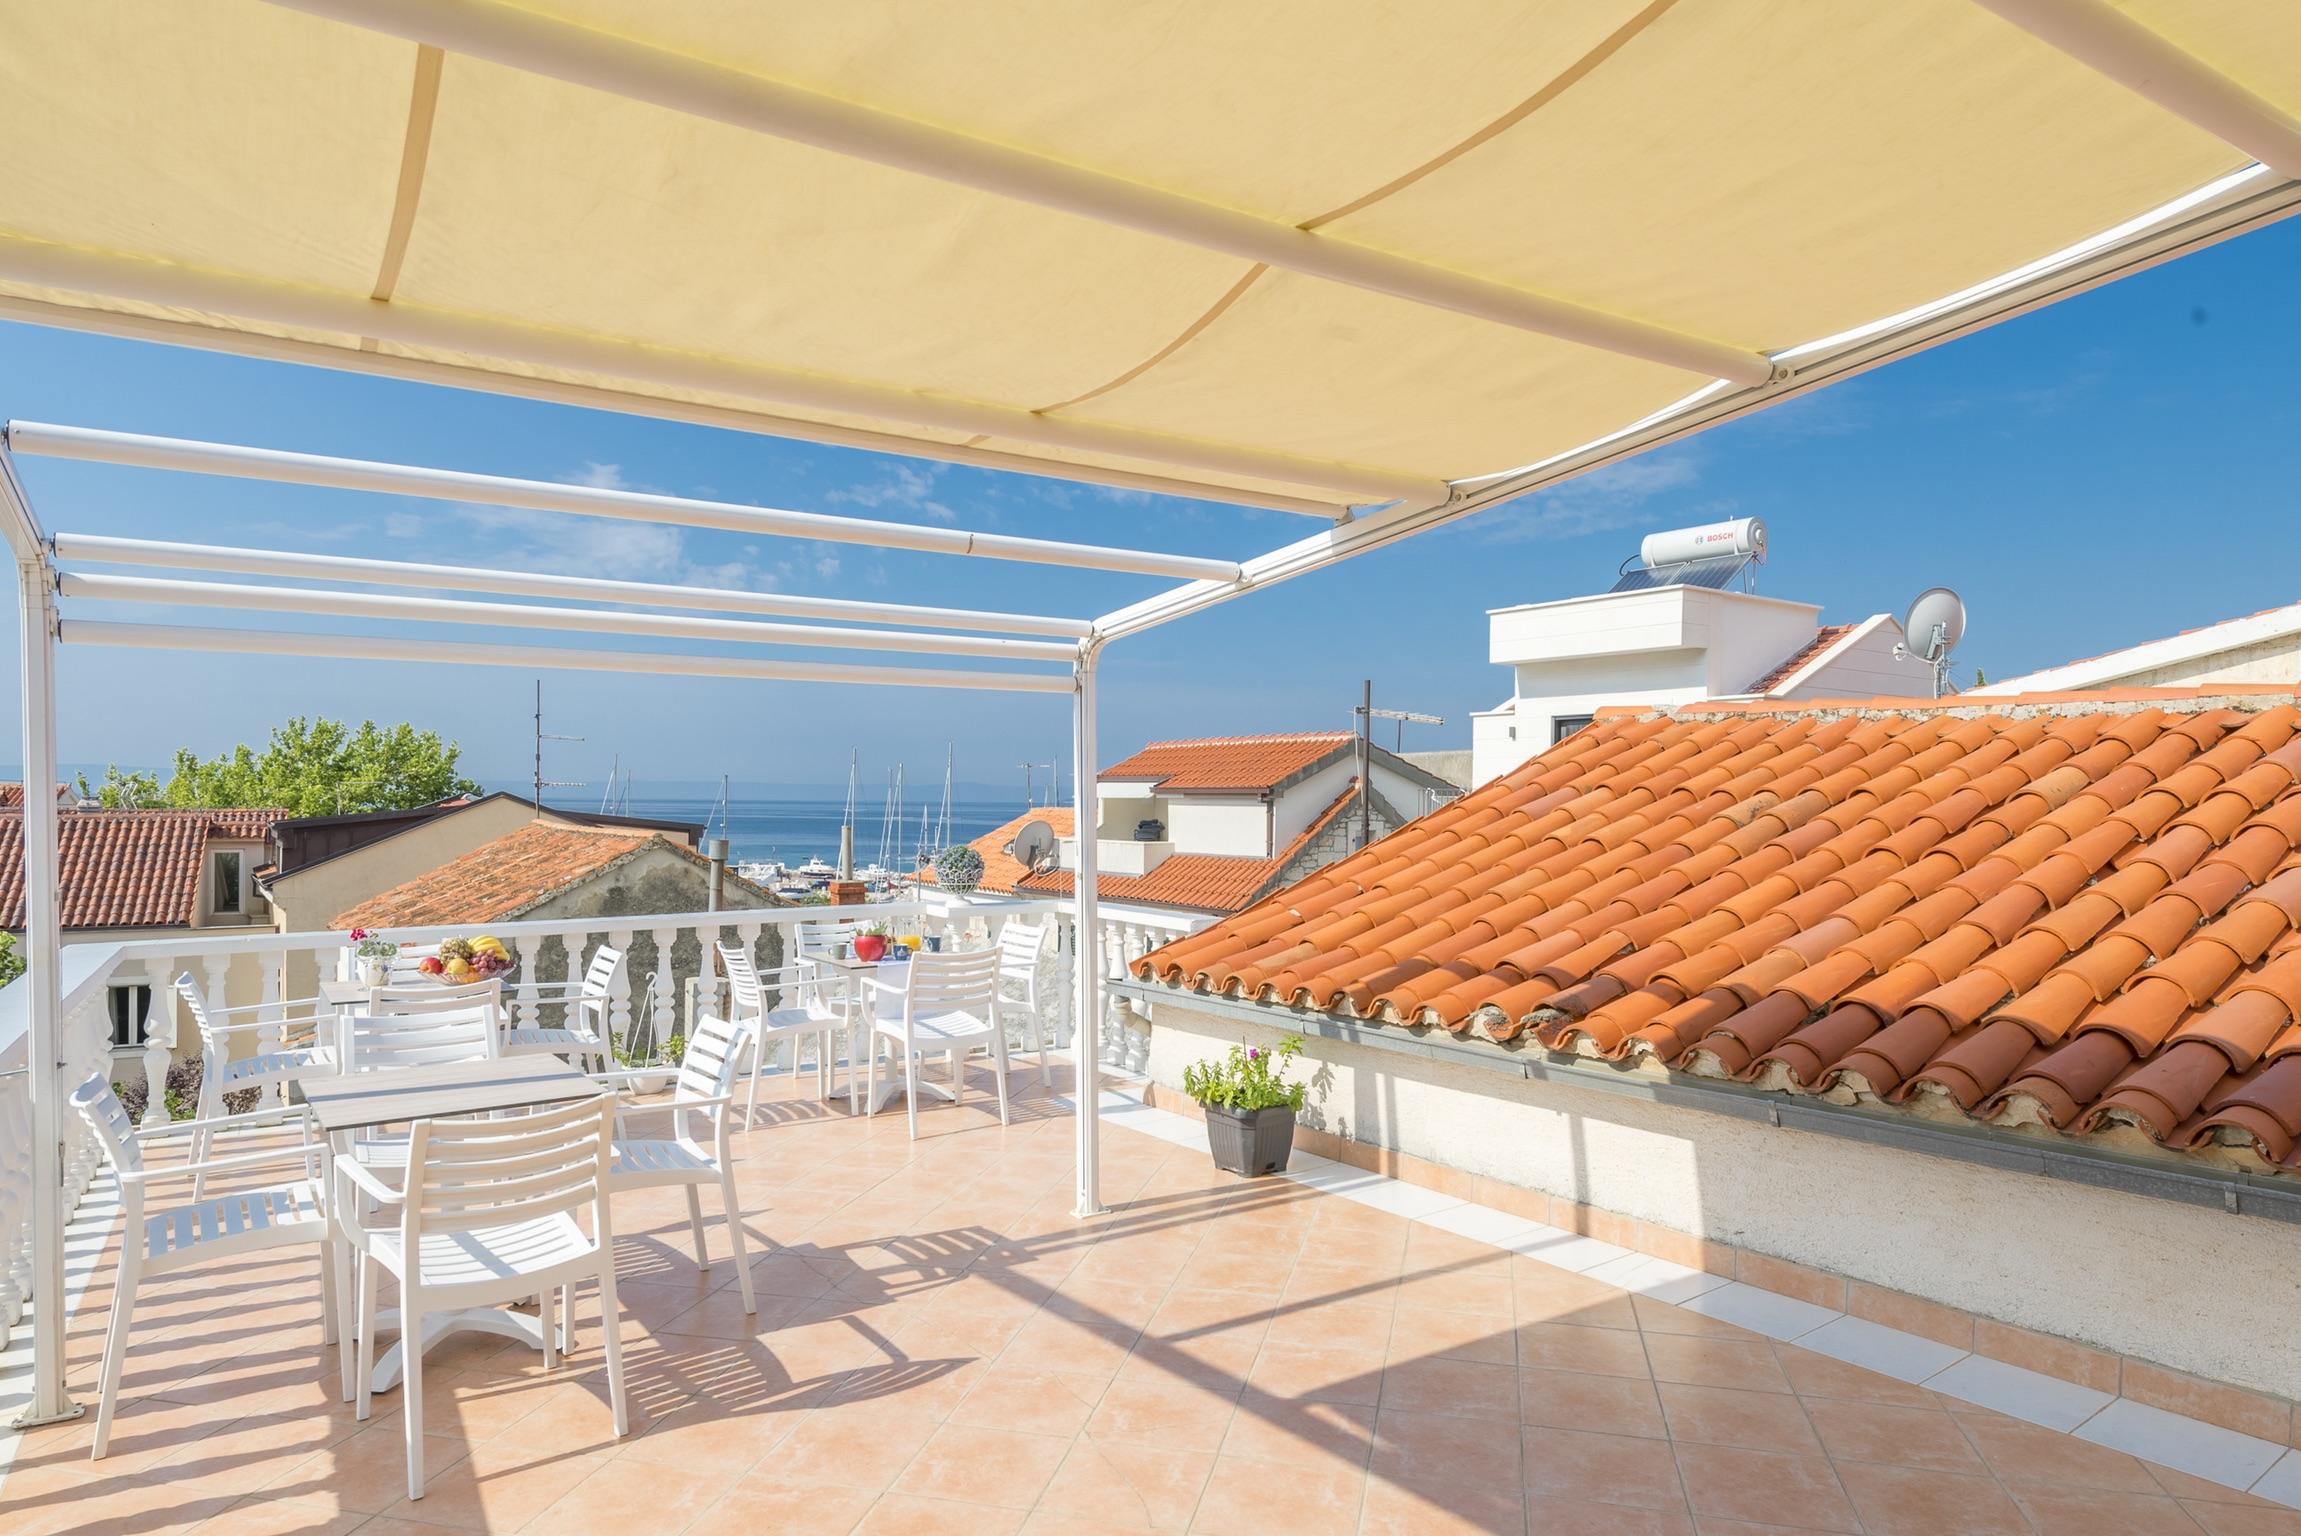 Ferienwohnung Wohnung mit 2 Zimmern in Baaka Voda mit herrlichem Meerblick, möblierter Terrasse und W-L (2201397), Baška Voda, , Dalmatien, Kroatien, Bild 9